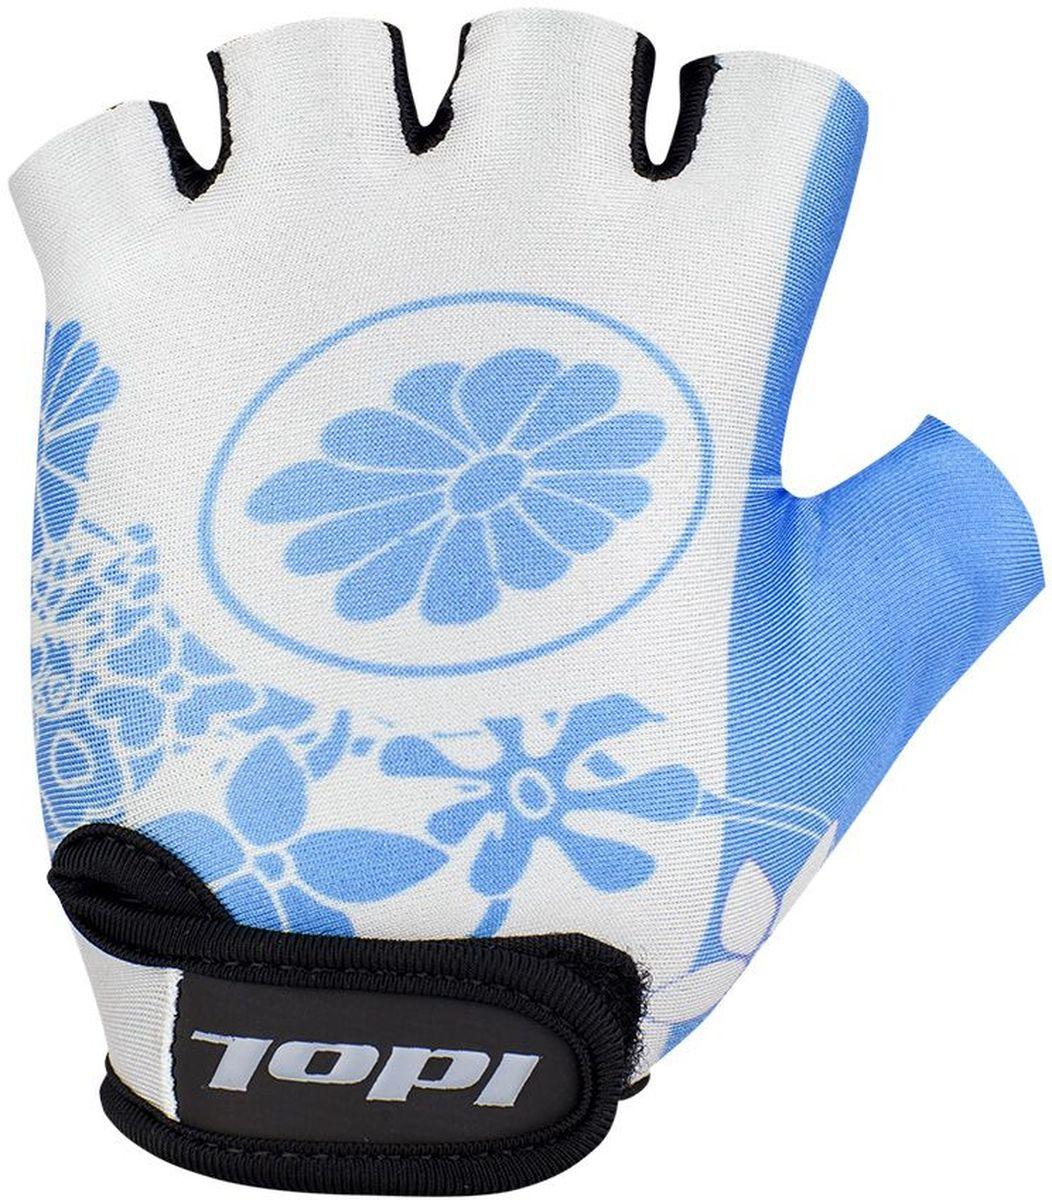 Перчатки велосипедные для девочки Idol Flossi, цвет: голубой. Размер 8-13 лет2719Велосипедные перчатки подростковые для девочек Idol, FLOSSI 2719 предназначены для велоспорта, велотуризма, велосипедных прогулок. Возраст 8-13 лет - Открытые пальцы - Верх: дышащая высококачественная лакра повышенной эластичности - Ладонь: синтетическая кожа Amara - Гелевая вставка на ладони - Веревочные петли для снимания - Липучка для фиксации перчатки на руке Высокое качество материалов, стильный дизайн, функциональность и прочность выделяют велоперчатки Idol среди прочих.